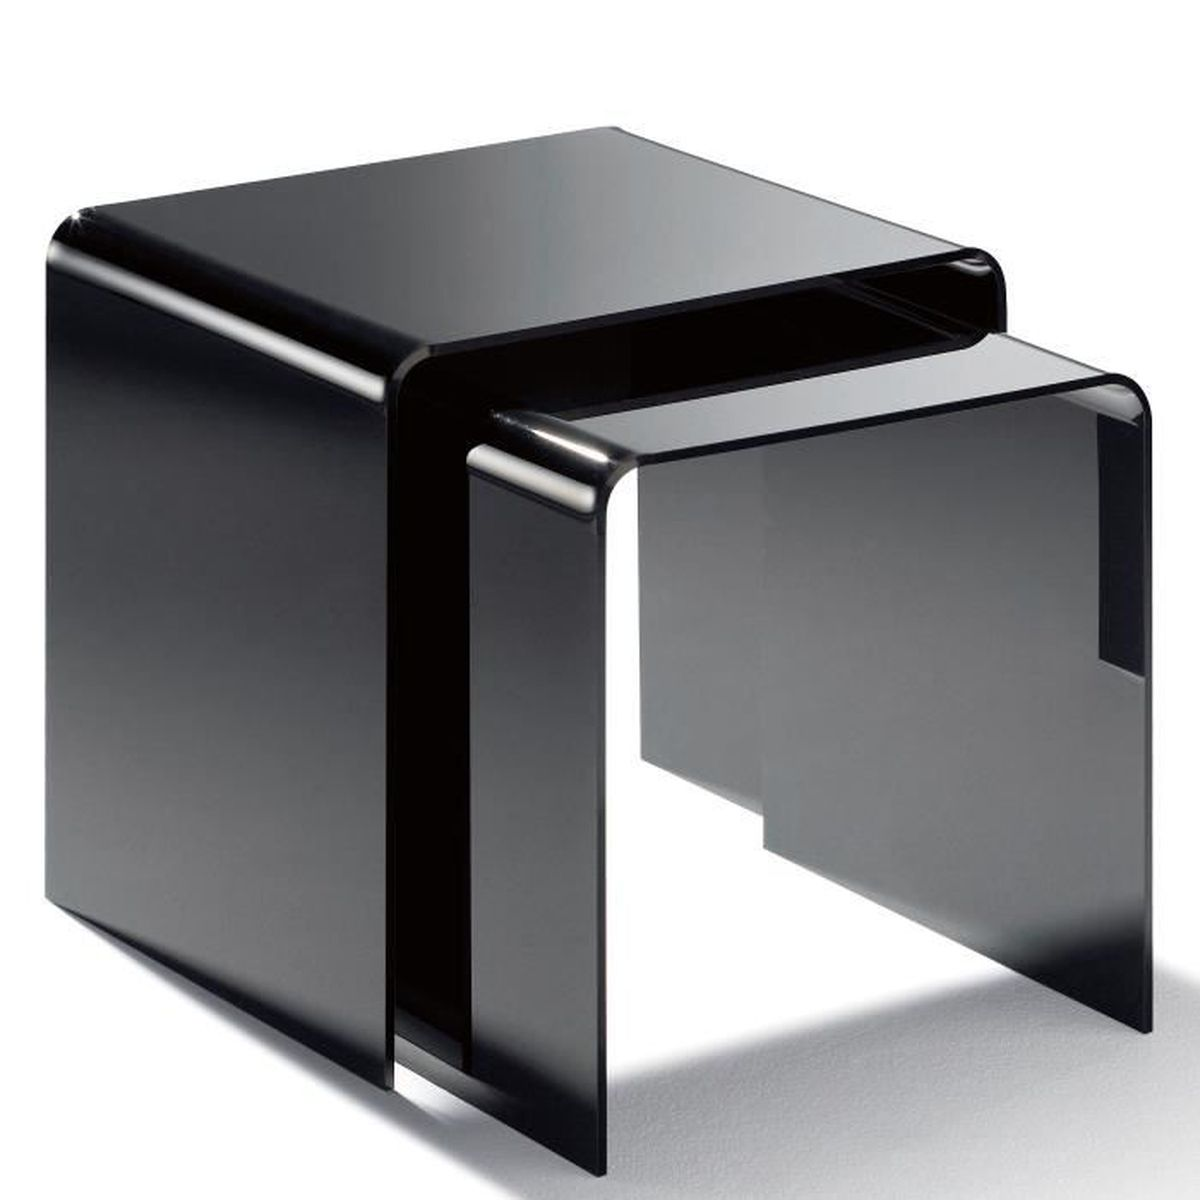 2 tables gigognes en acrylique haute qualité, noir, 40 x 33 cm, h 36